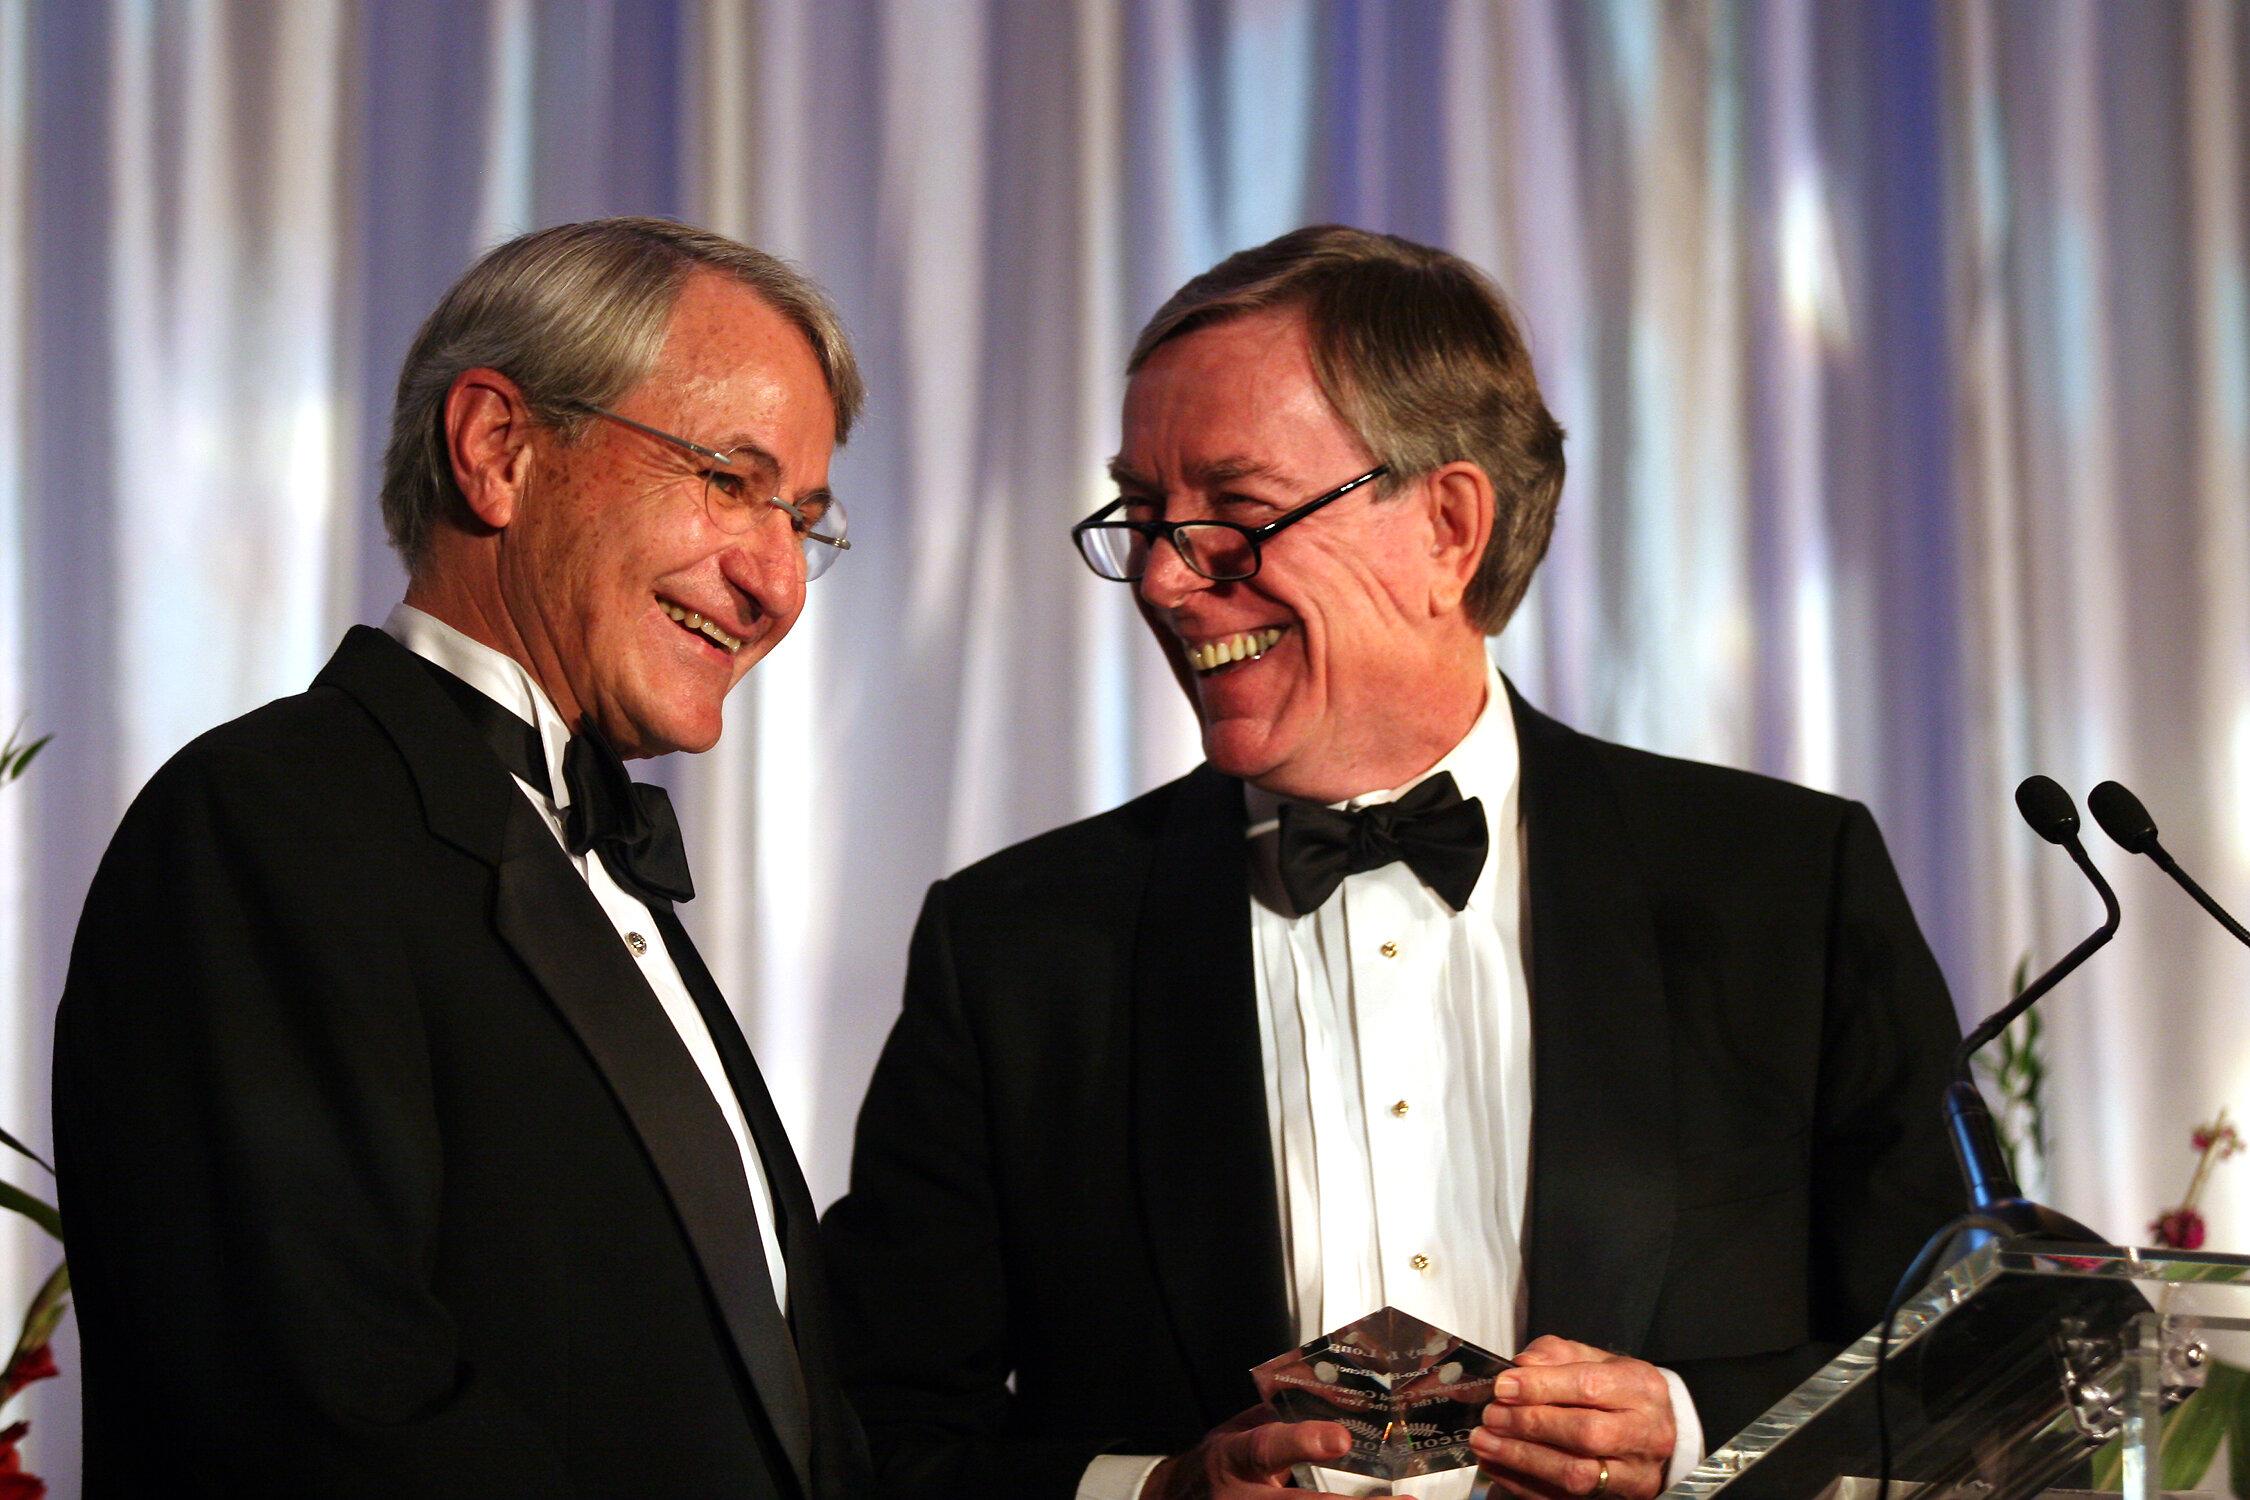 克莱·朗(左)从当时的董事会主席手中获得2005年乔治亚州保护协会杰出环保人士奖, 已故的雷. C. 安德森